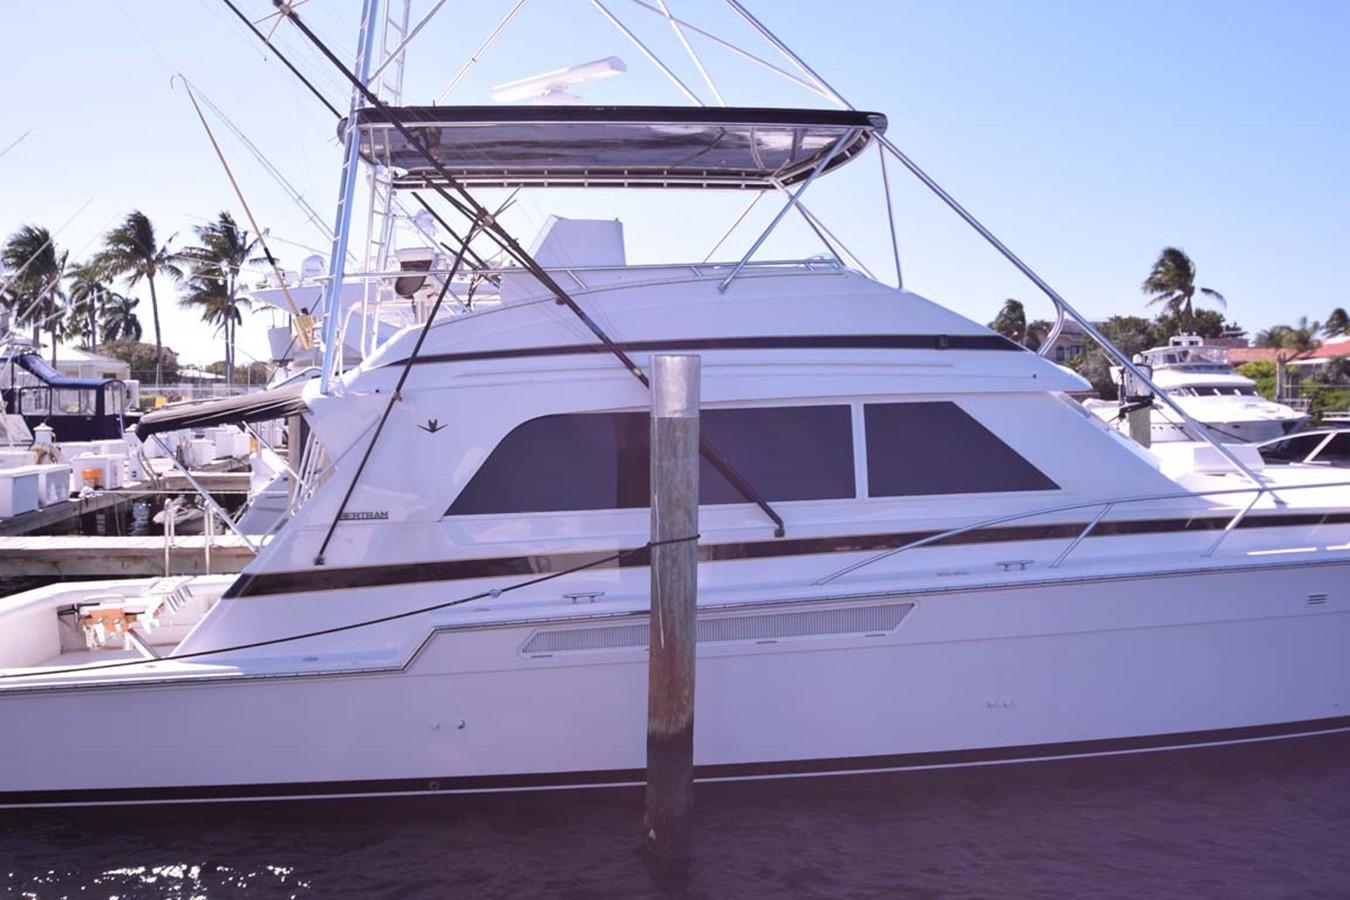 Profile at Dock 1998 BERTRAM 60 Convertible Sport Fisherman 2531919